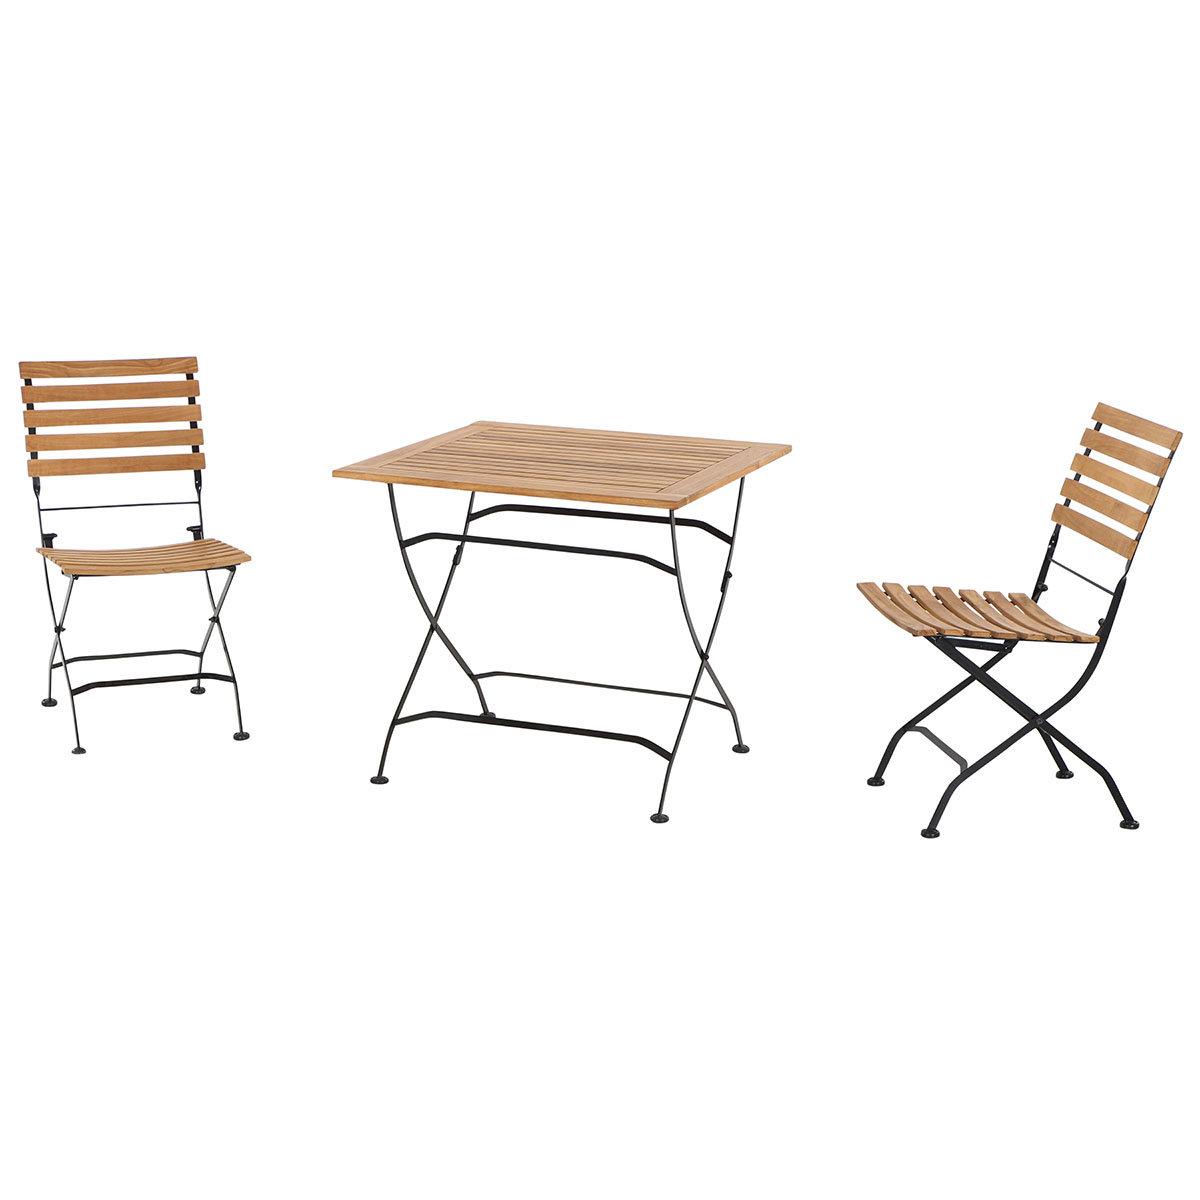 Gartenmöbel-Set Peru mit 2 Klappstühlen und Klapptisch, 80x80 cm